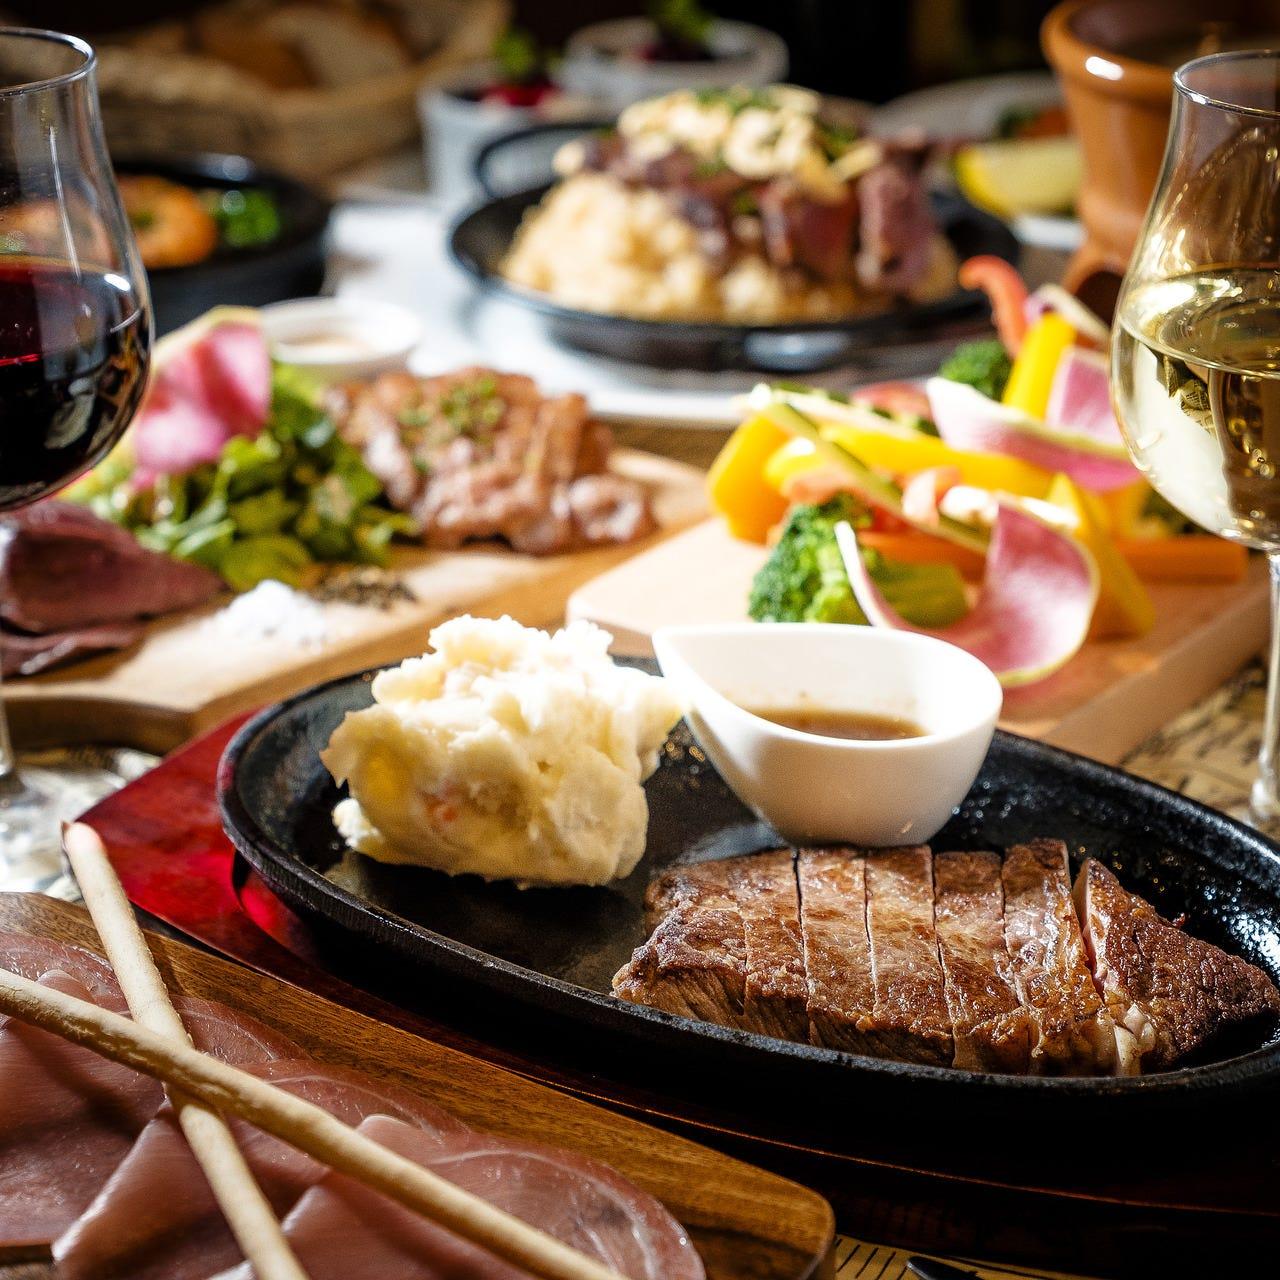 コース料理は2000円~♪+1500円で飲み放題も付けられます!